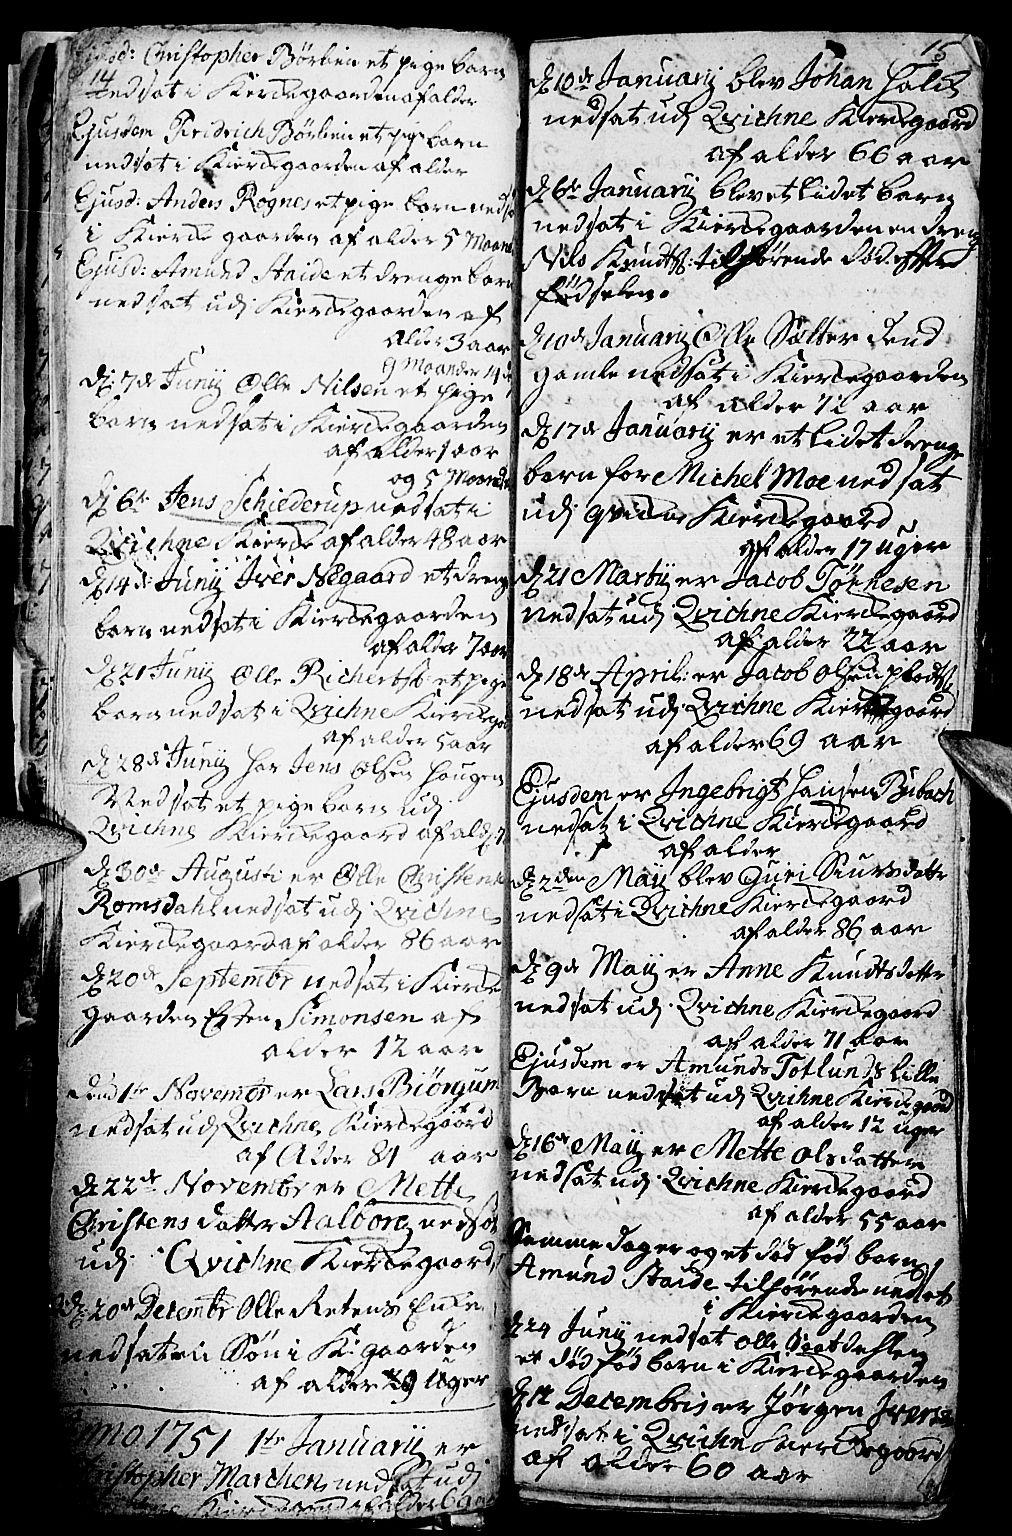 SAH, Kvikne prestekontor, Parish register (official) no. 1, 1740-1756, p. 14-15